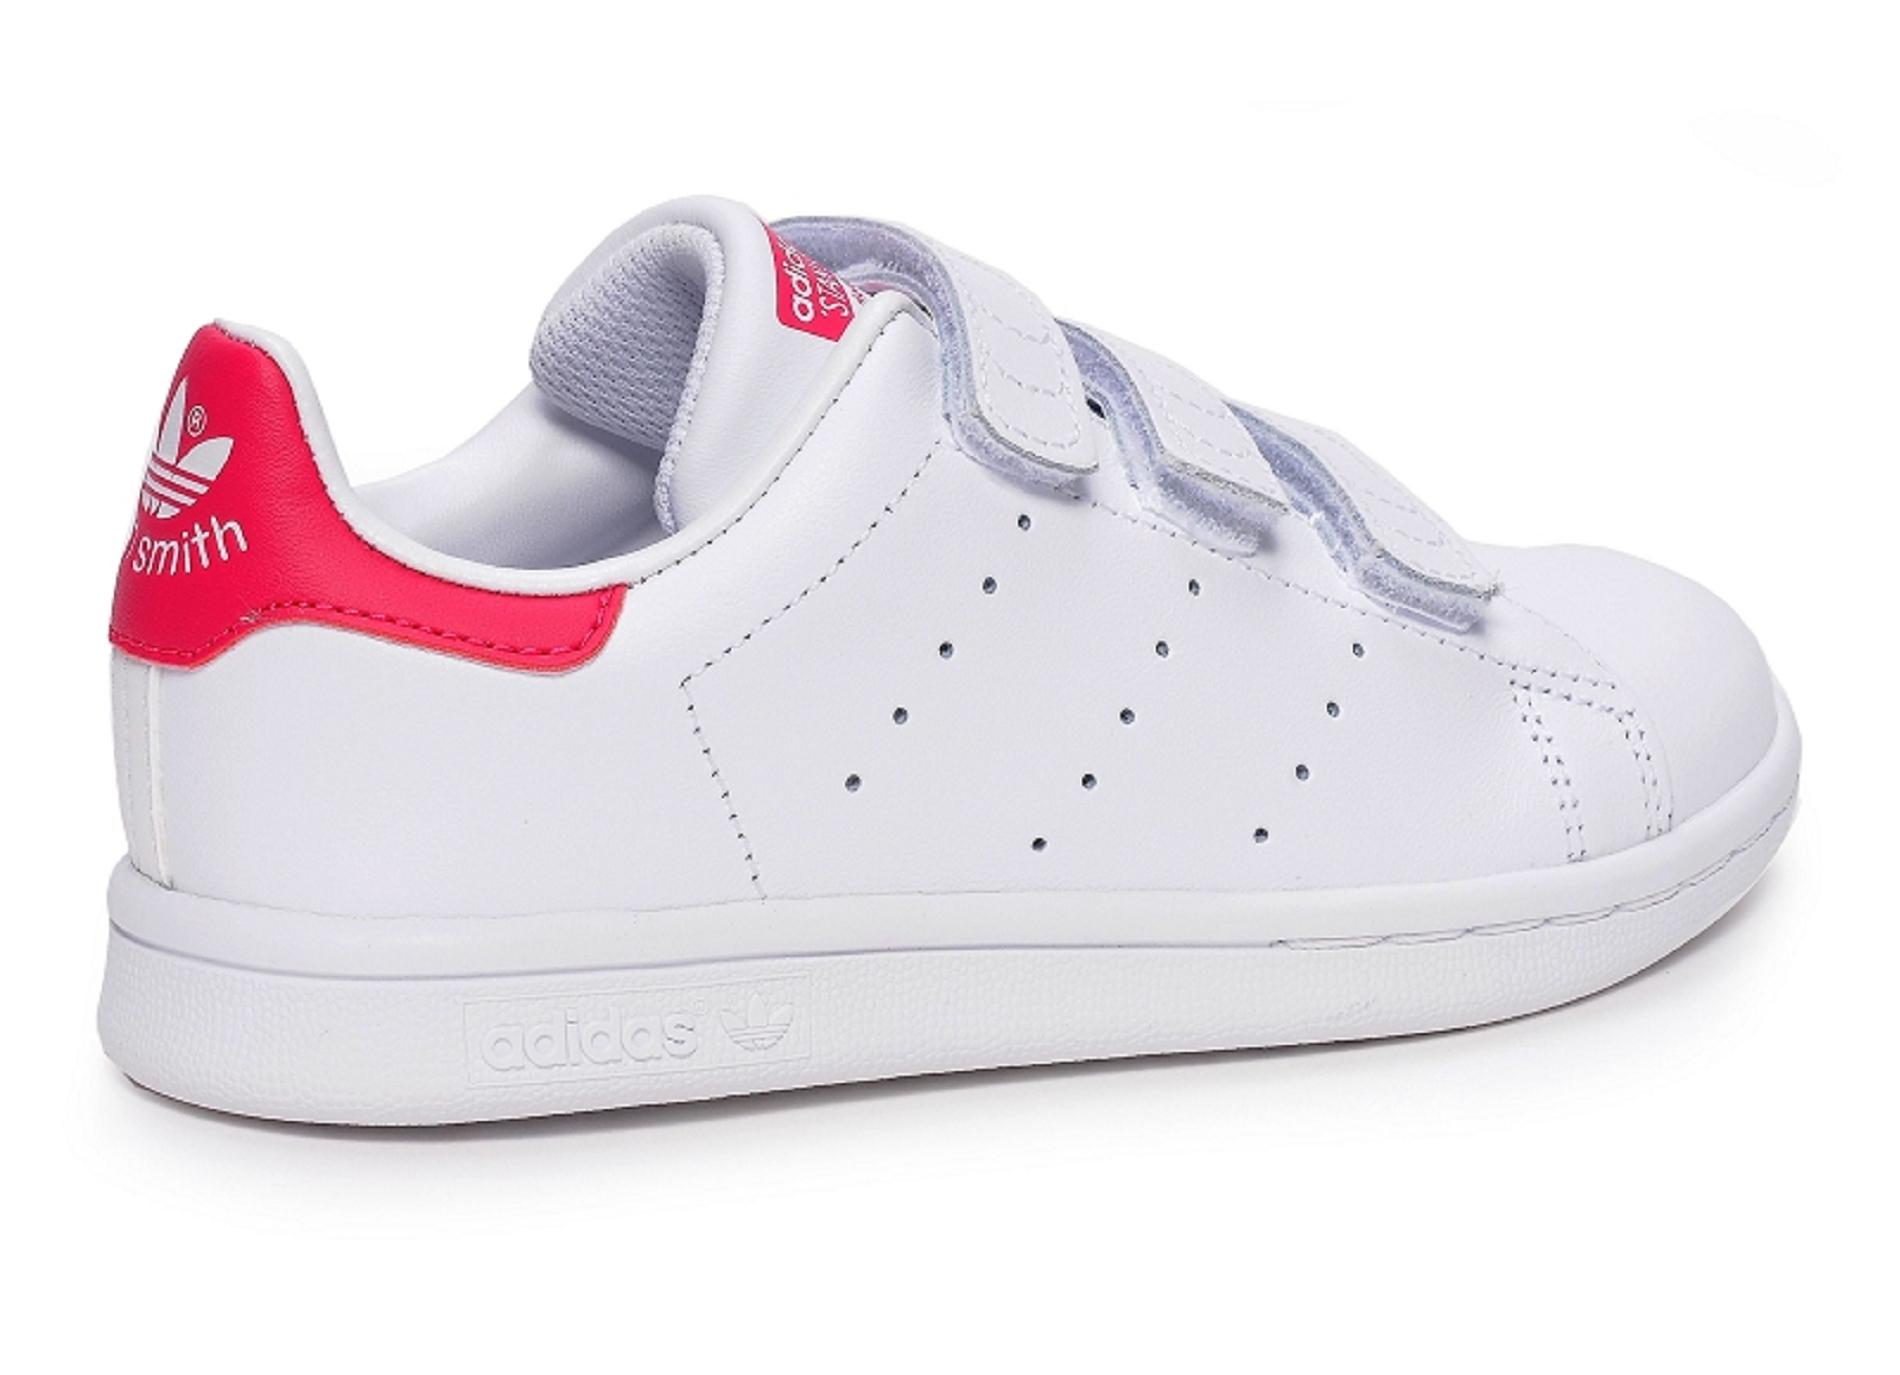 baskets Adidas Stan smith enfant